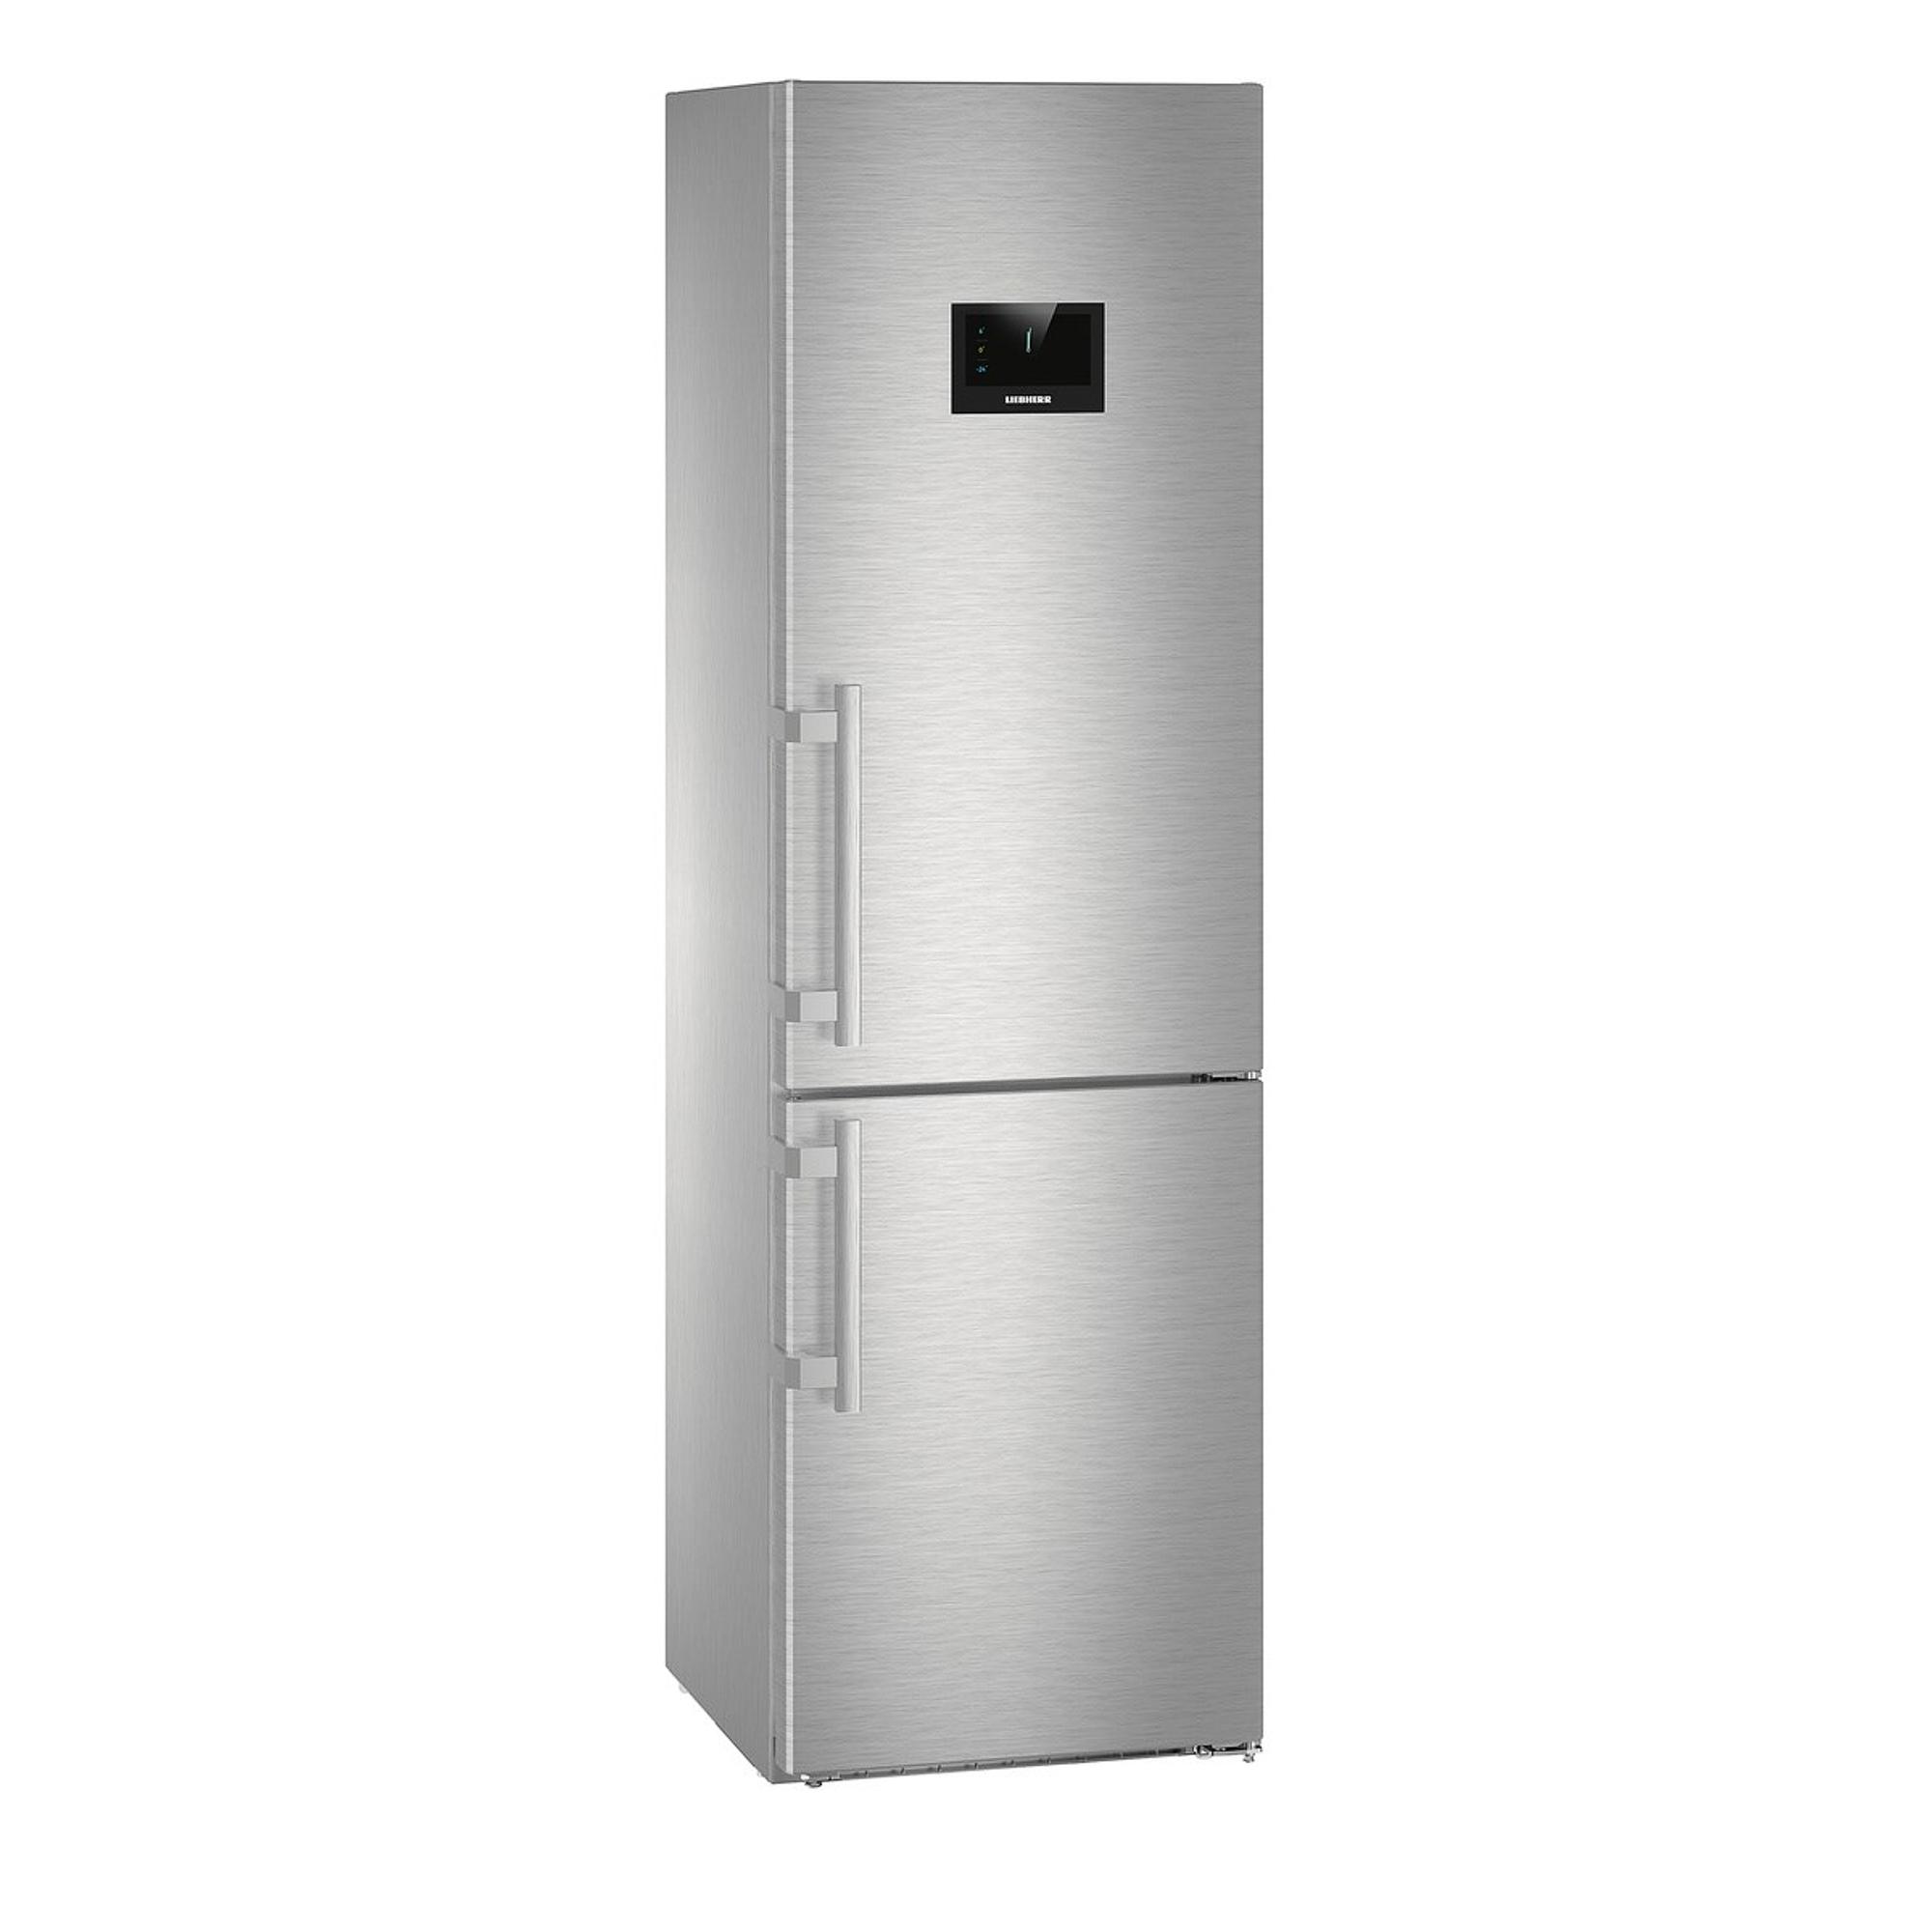 Купить Холодильник Liebherr CBNPES 4858 Silver, холодильник двухкамерный, Германия